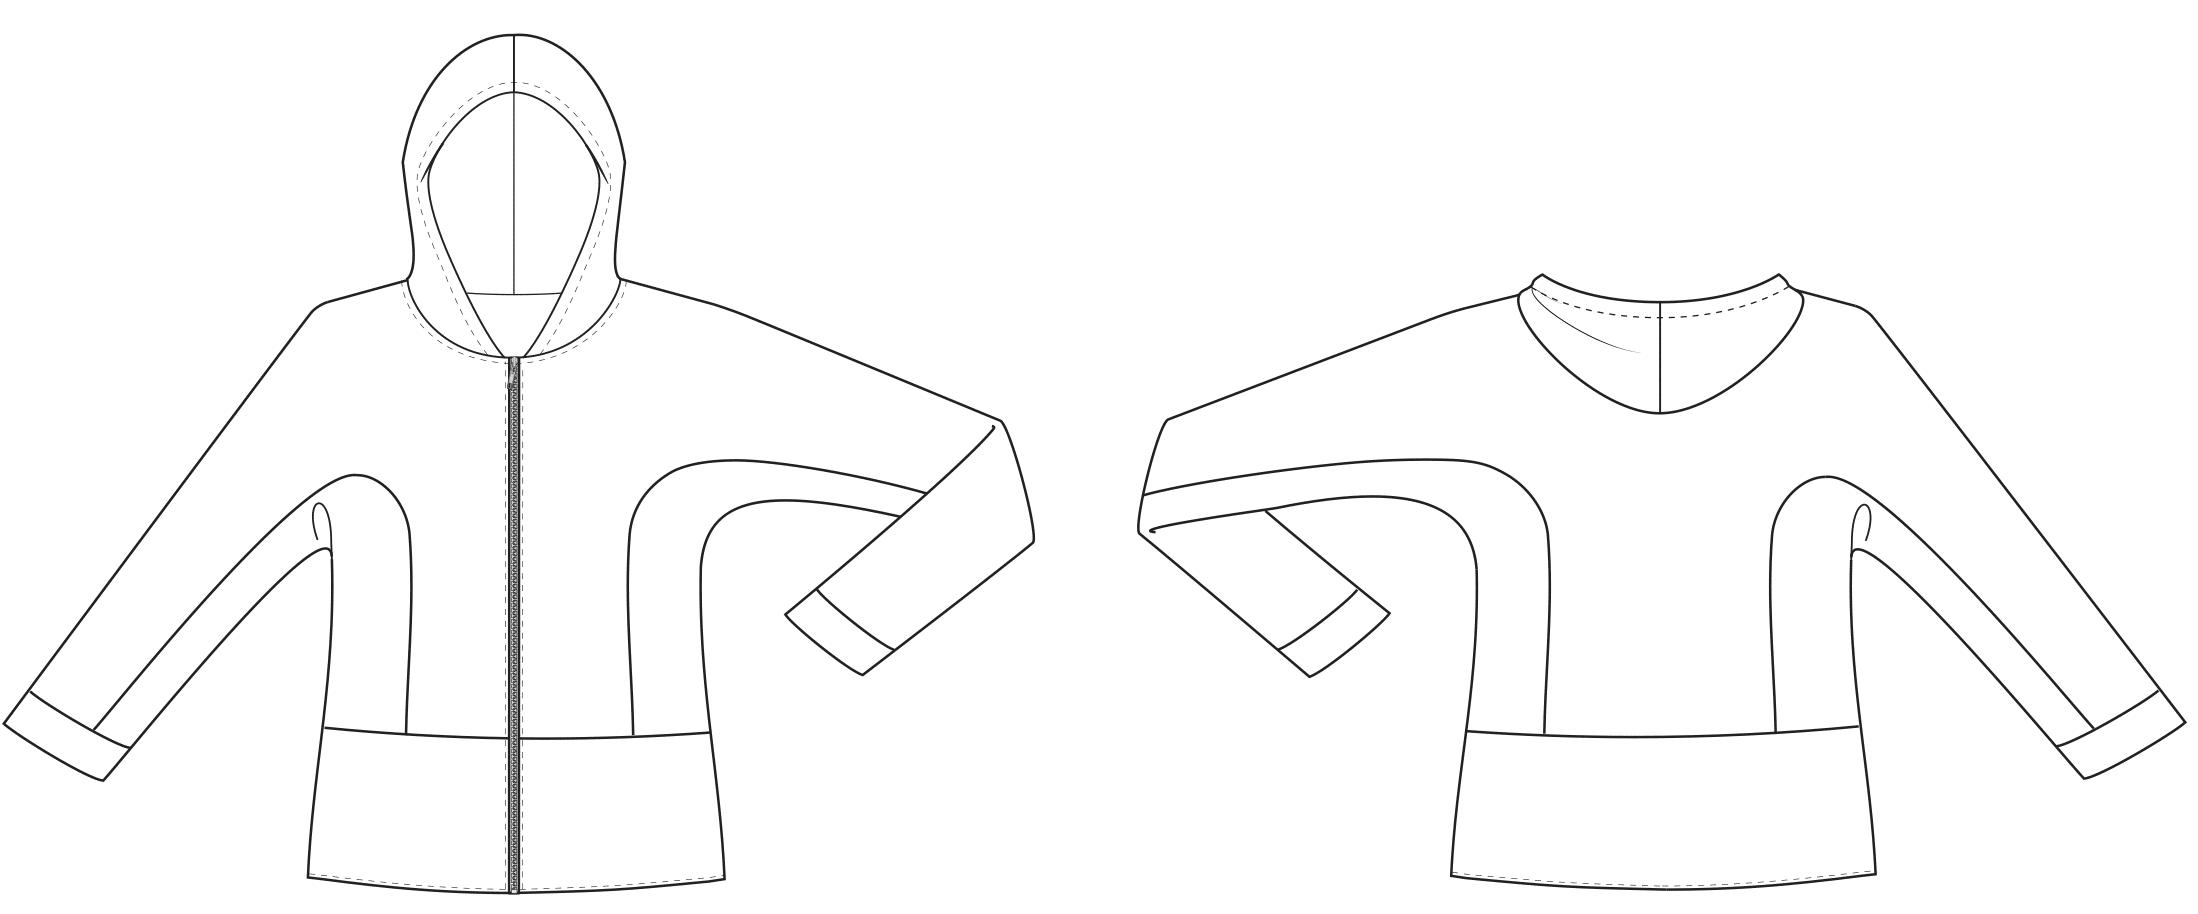 Technische Zeichnung einer Kinderjacke welche gradiert wird.